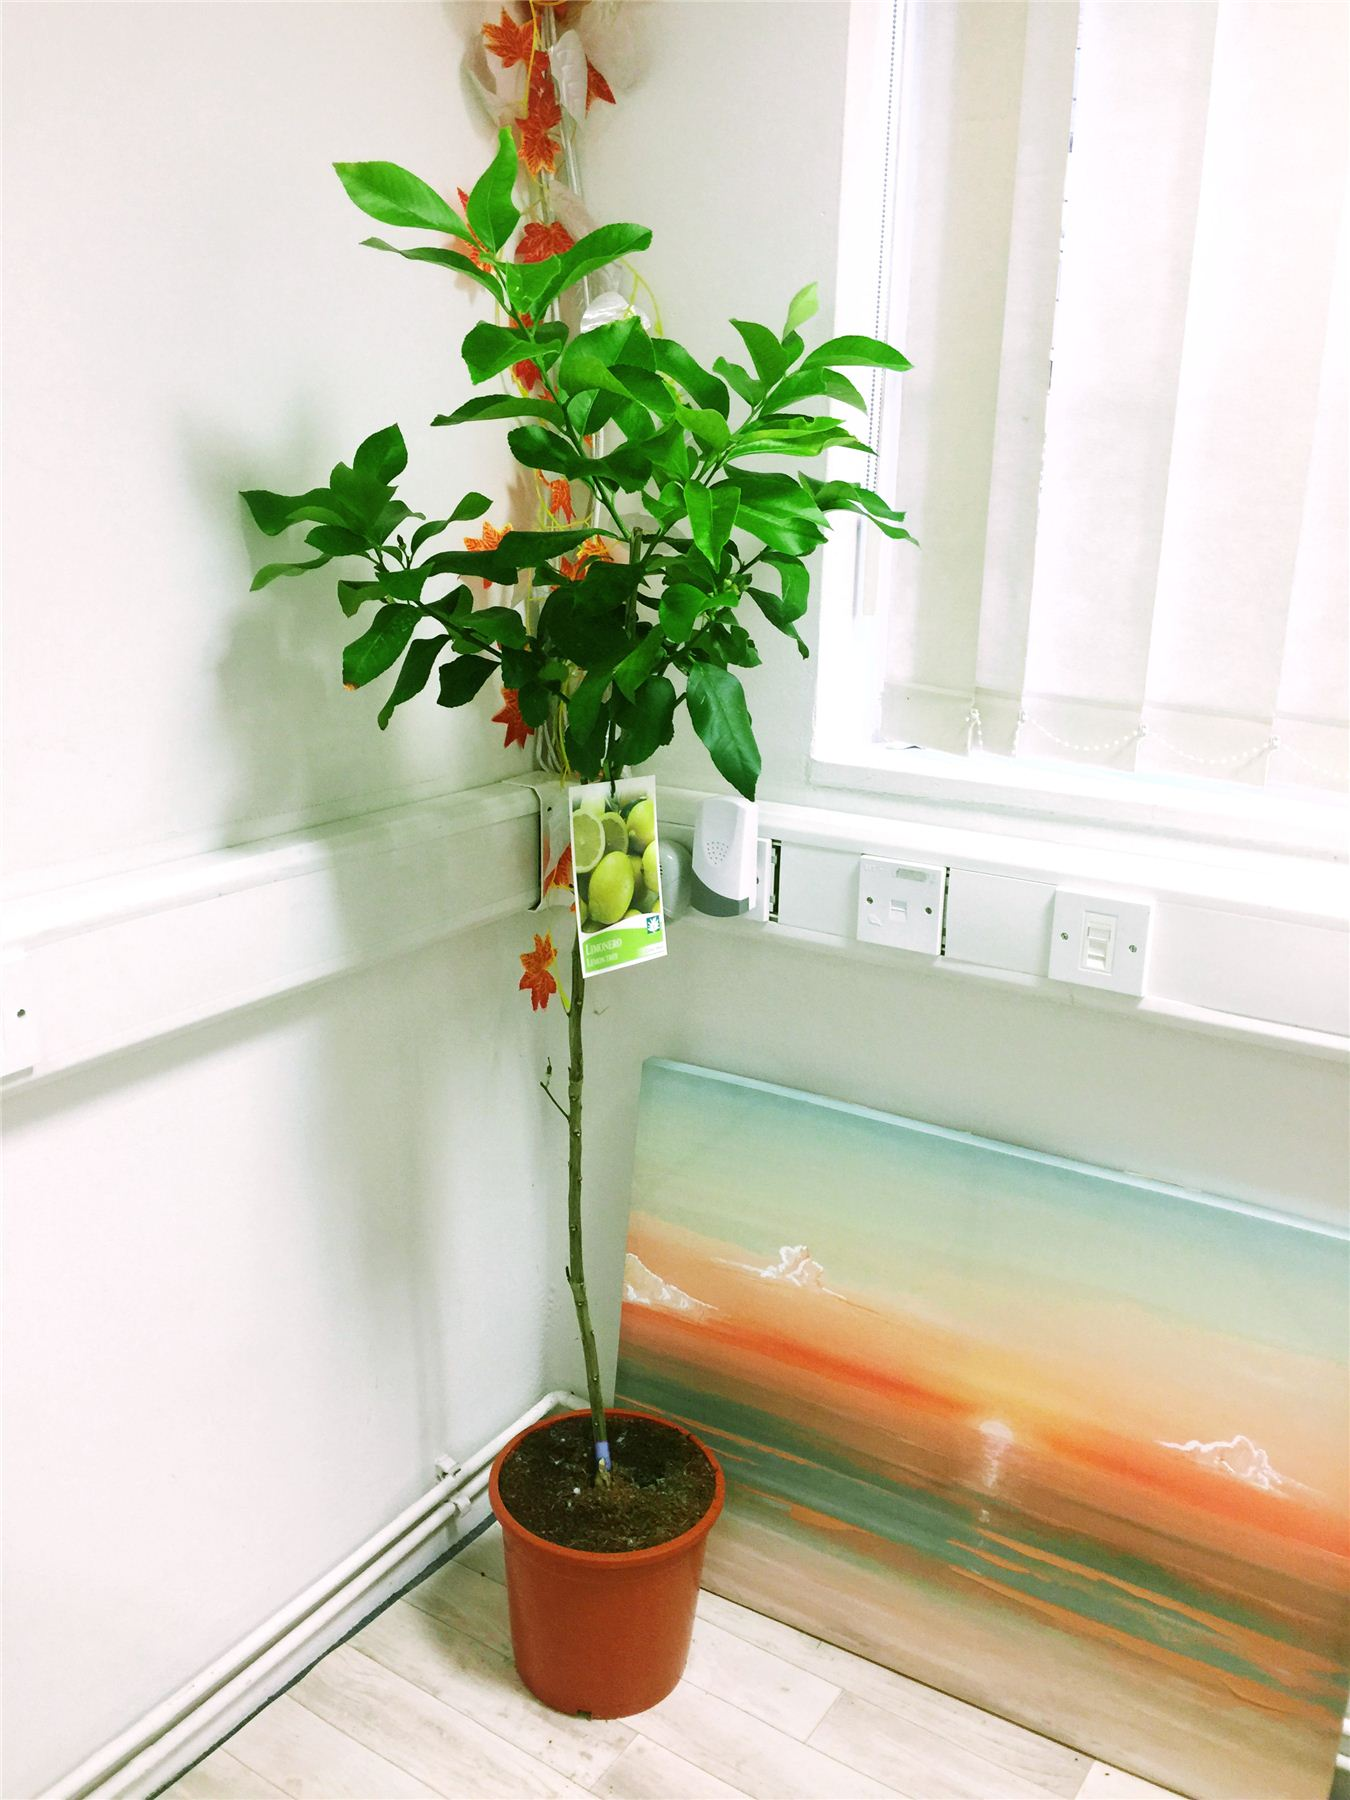 1 grande matura permanente PROFUMO LIMONE AGRUMI FRUTTA GIARDINO CASA ALBERO pianta in vaso